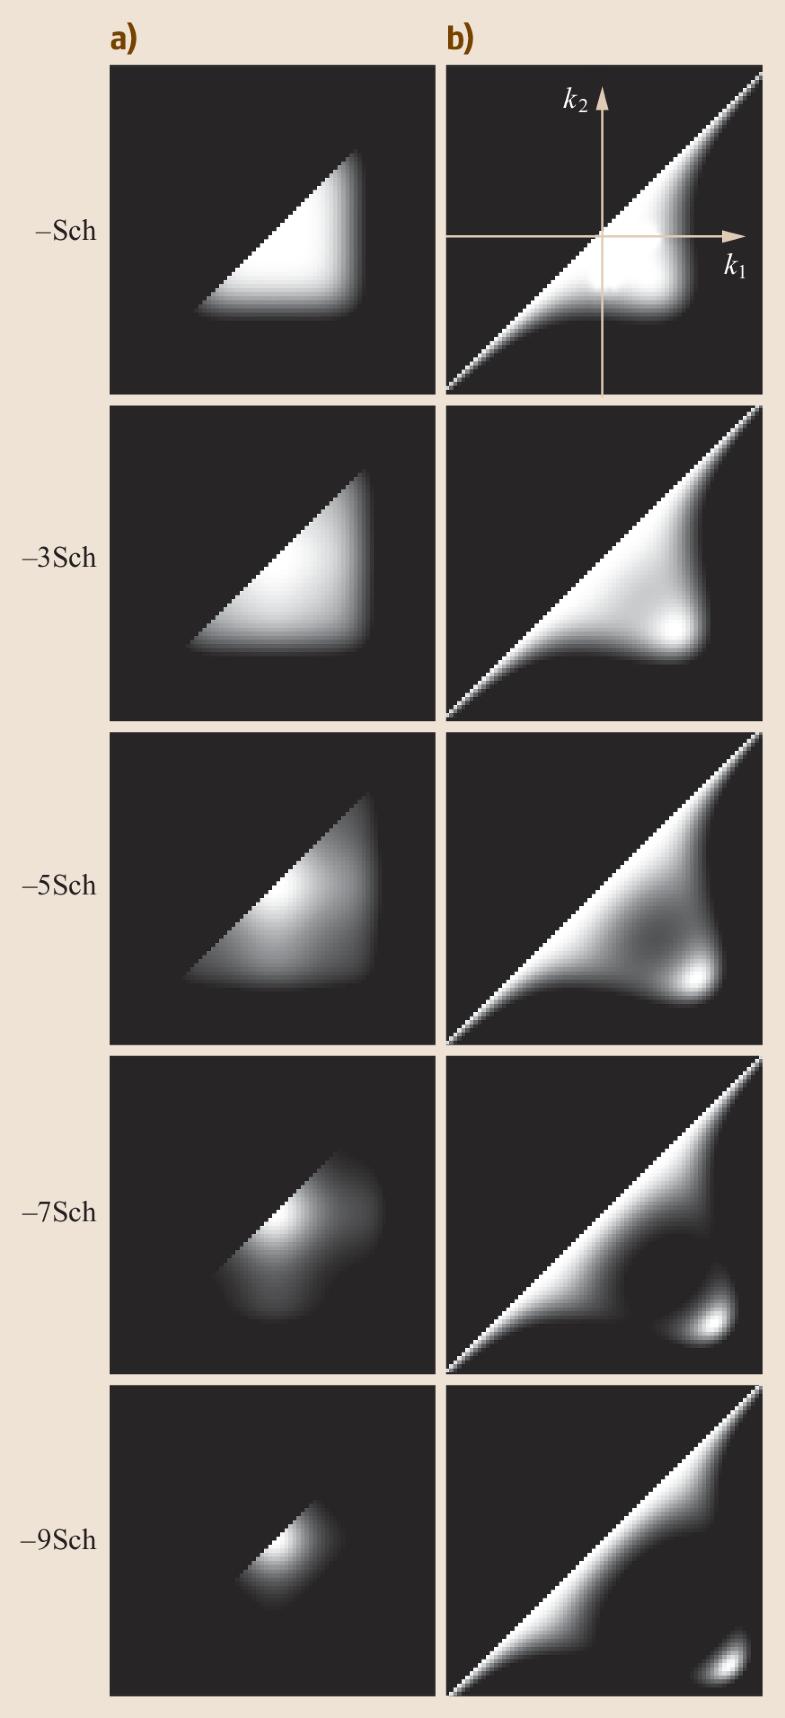 Fig. 1.14a,b